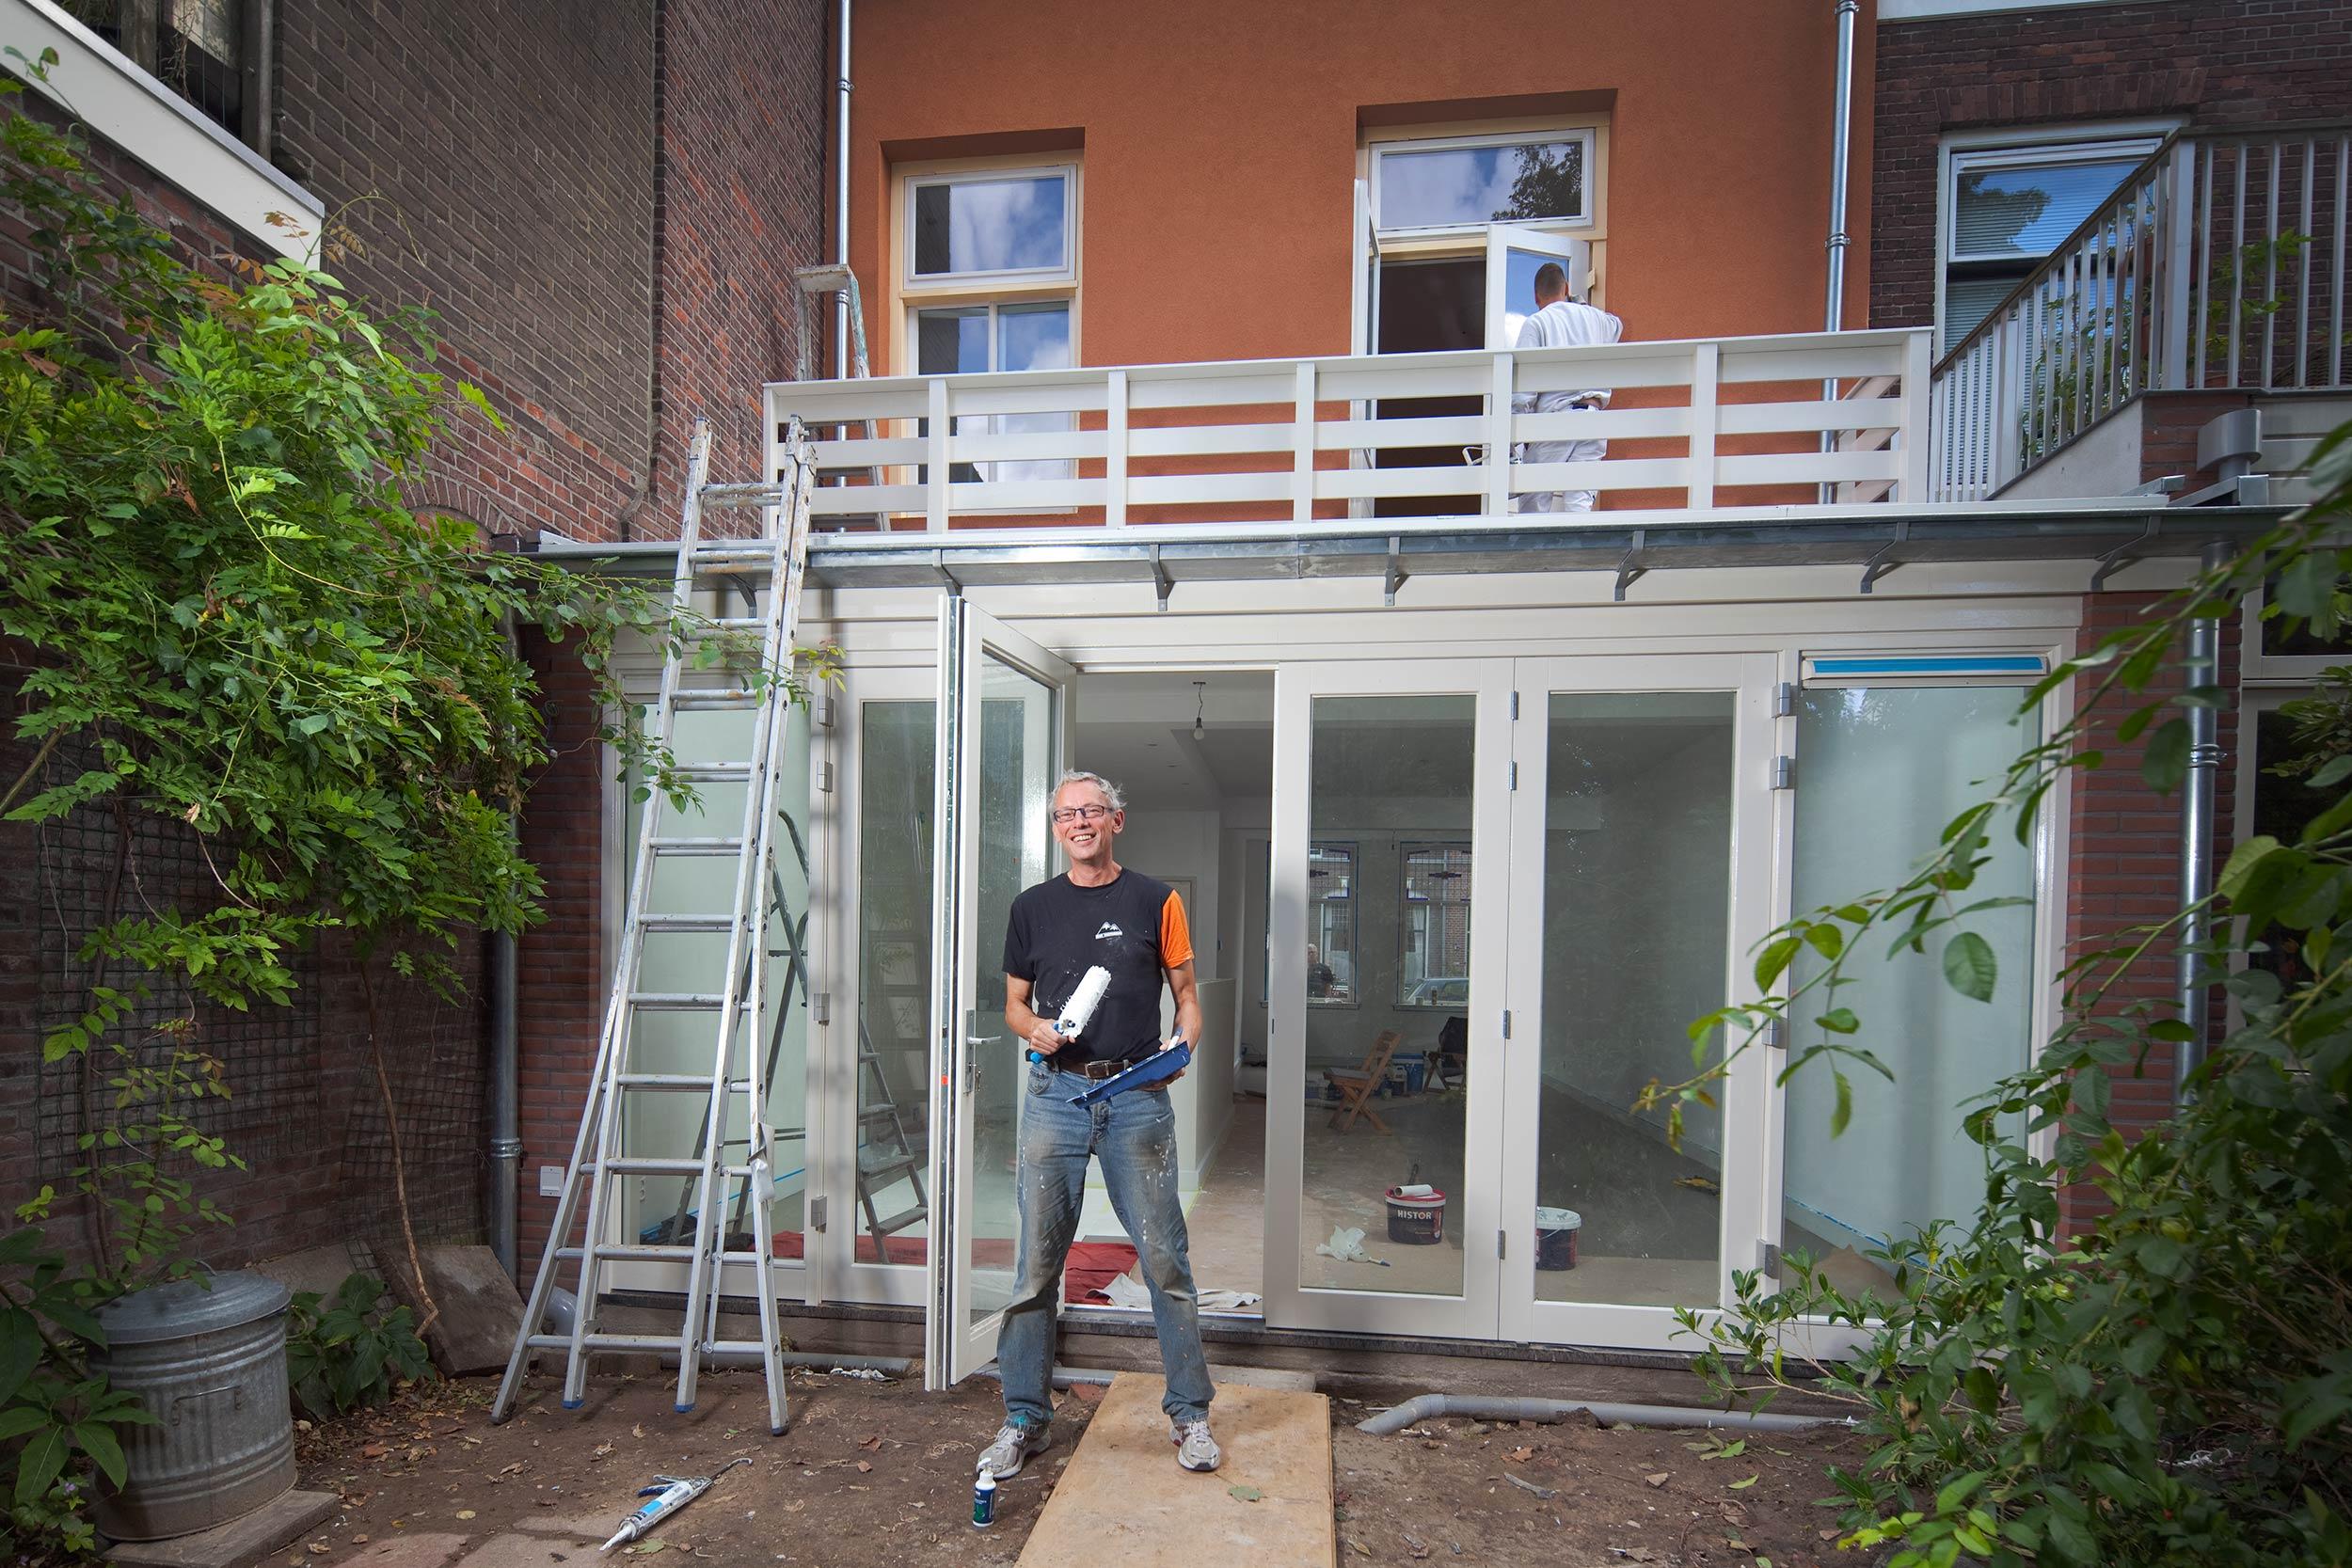 Energiesprong_Utrecht_Credit_Frank Hanswijk